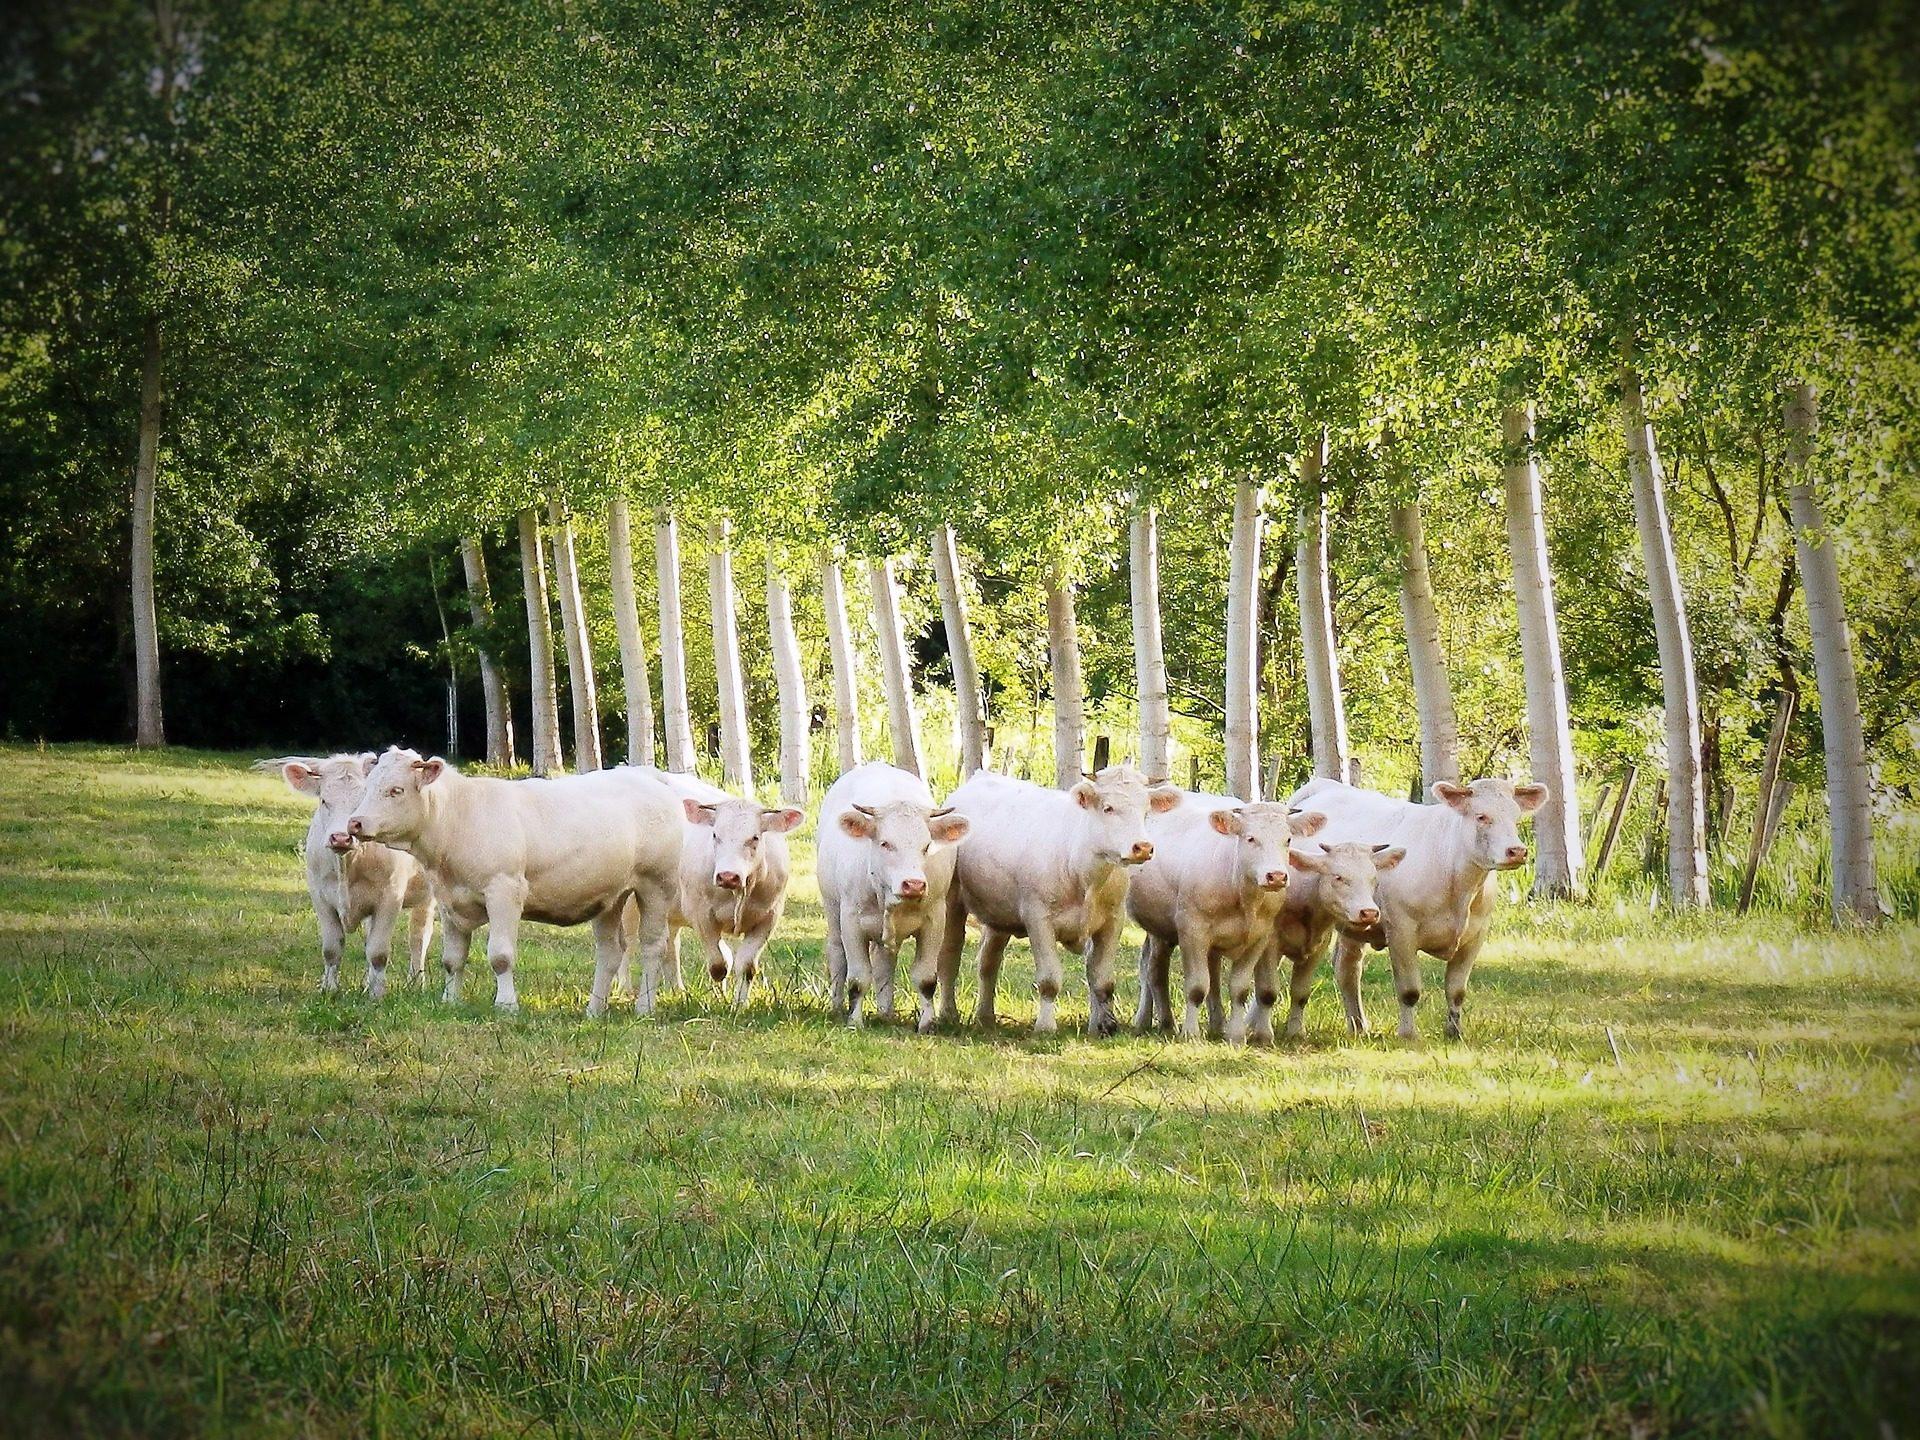 vaches, pâturage, ferme, domaine, bétail - Fonds d'écran HD - Professor-falken.com